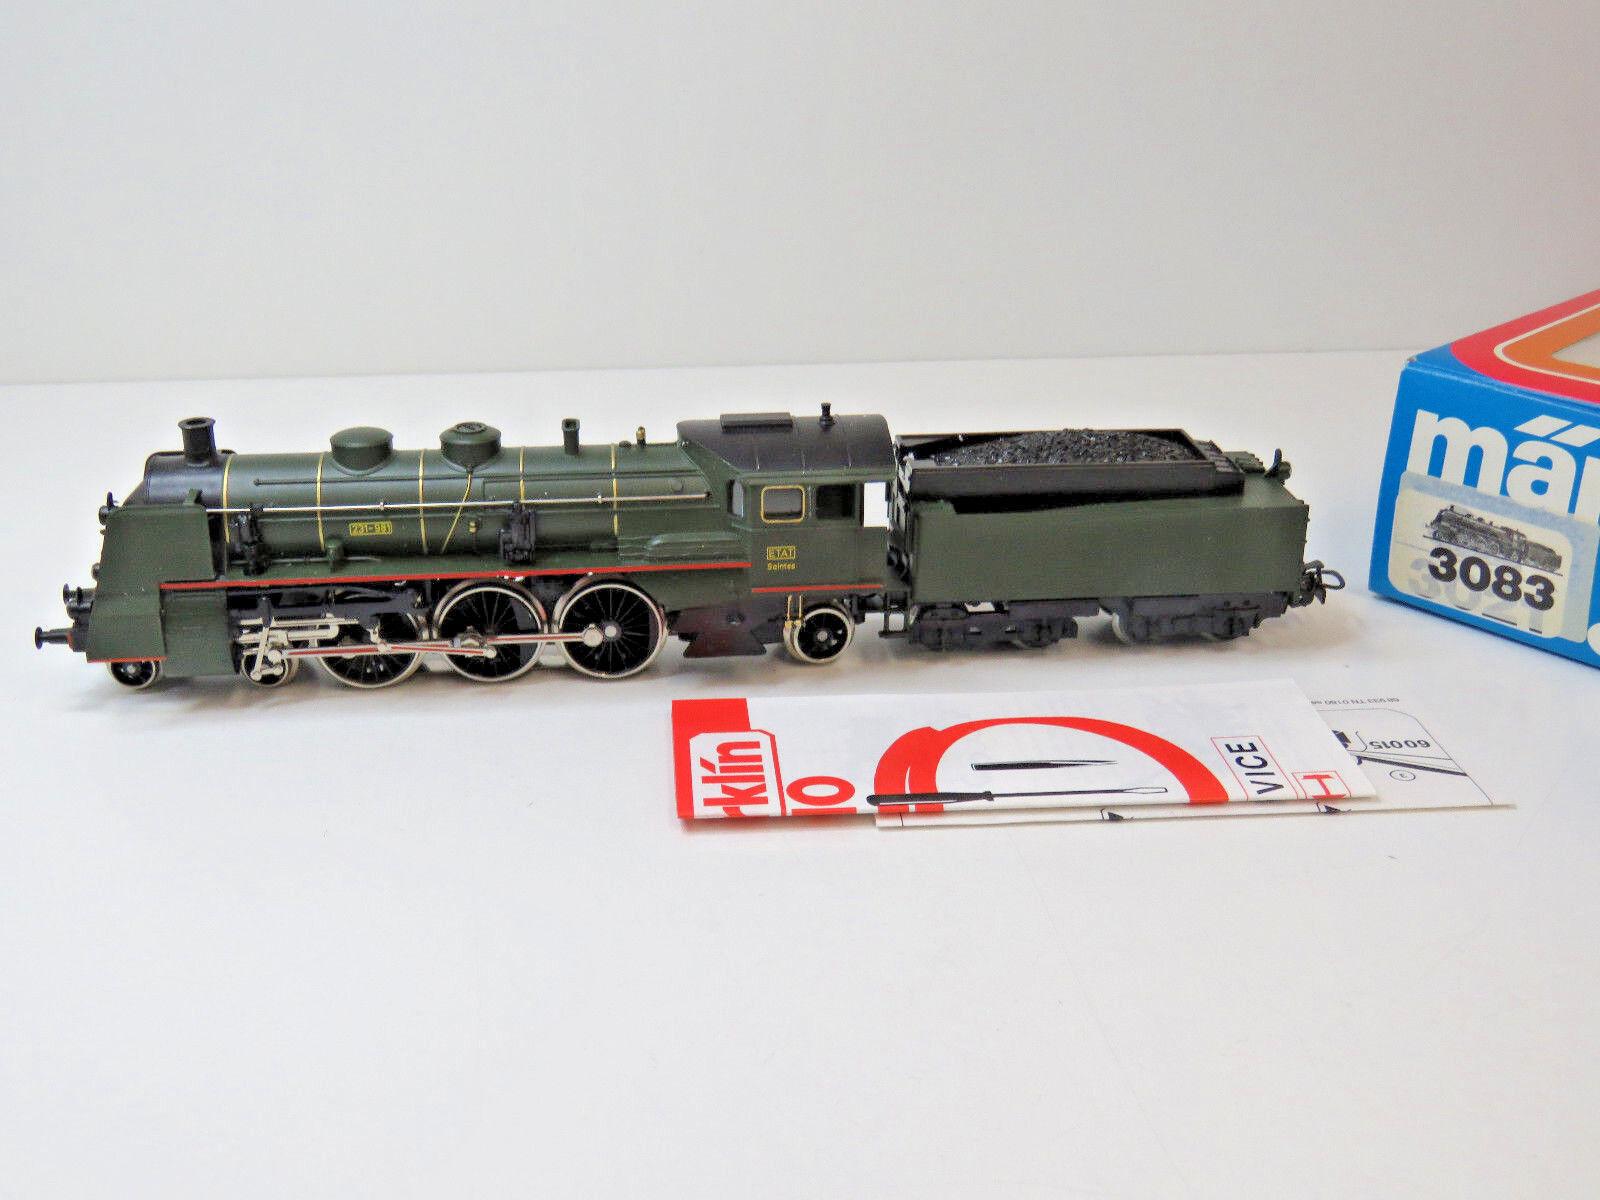 Dampflok Serie 231-981 der SNCF,ETAT,Frankreich,Ep. III, III, III, MÄRKLIN HO,3083,OVP,WS  | Förderung  a3ab42